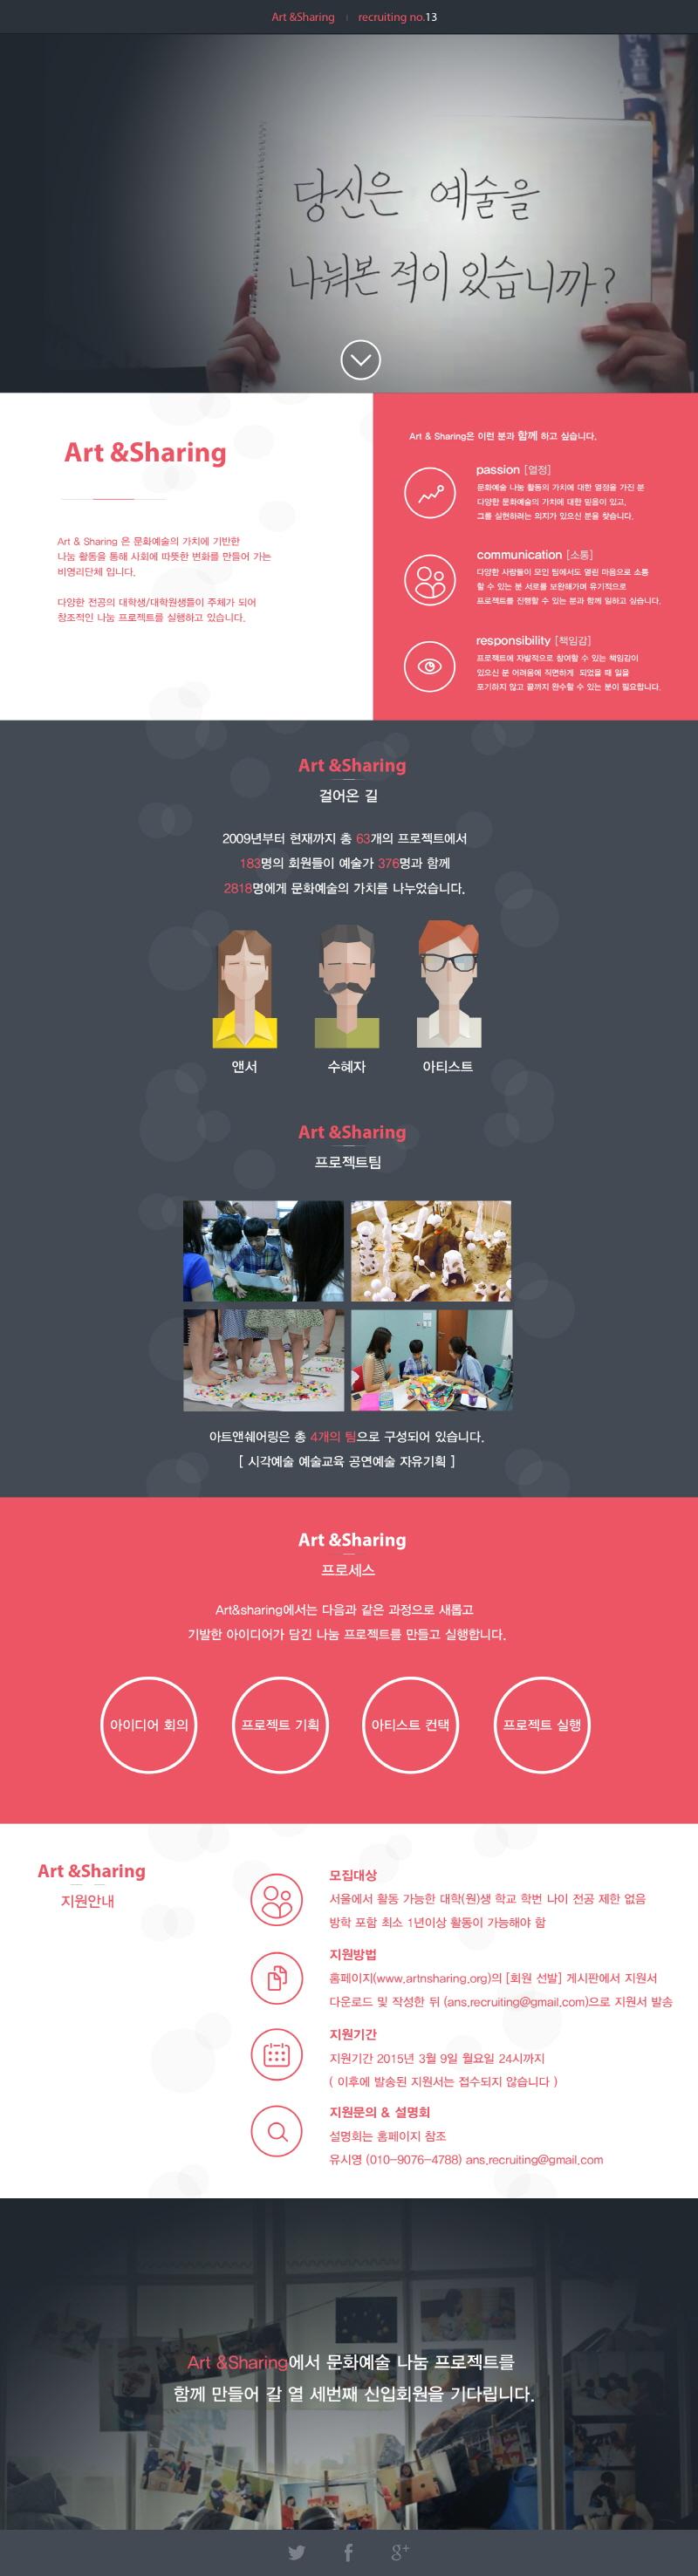 2015 상반기 신입회원 13기 모집 포스터